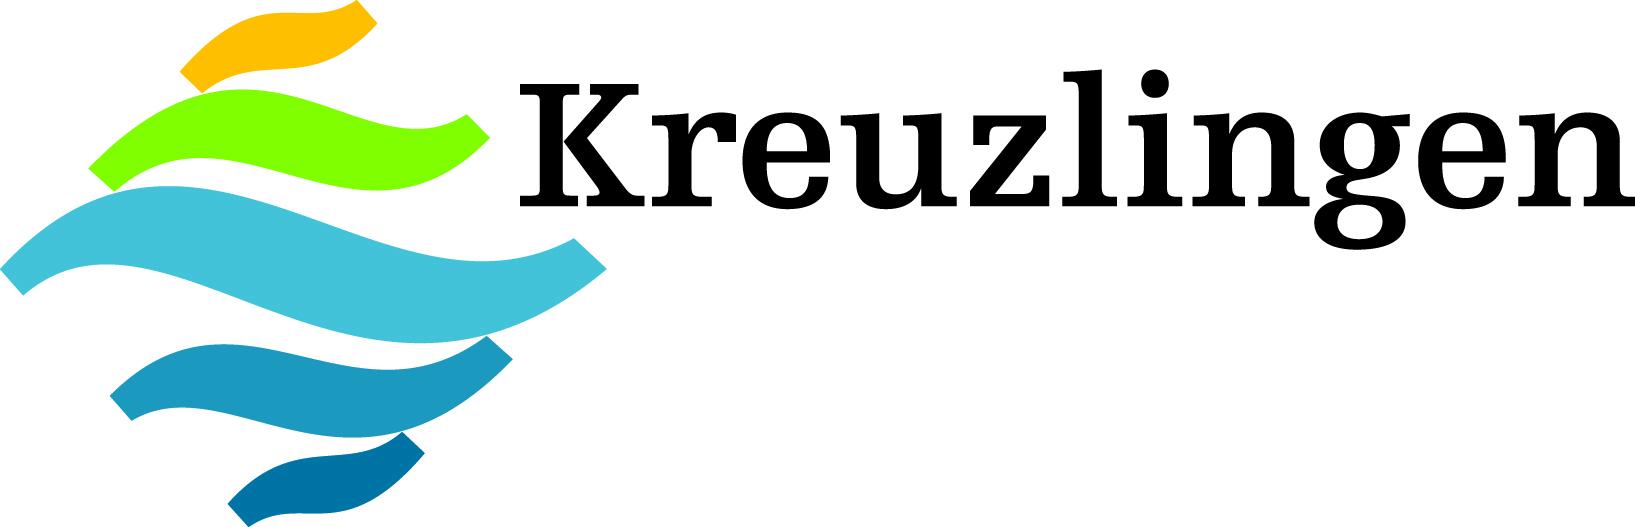 Kreuzlinger-Logo-vektorisiert